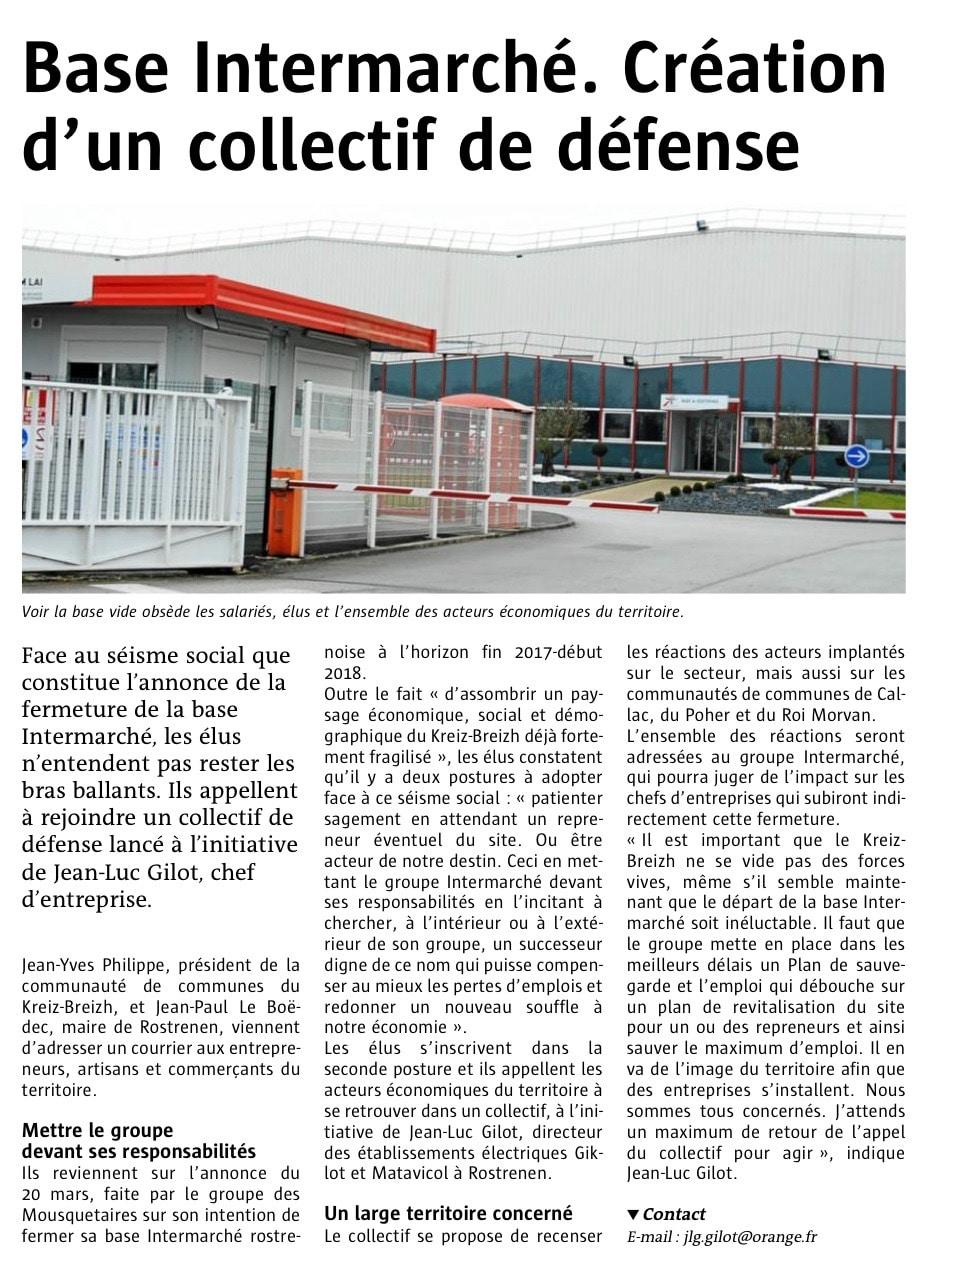 Communiqué de presse - Base intermarché, création d'un collectif de défense - Le télégramme